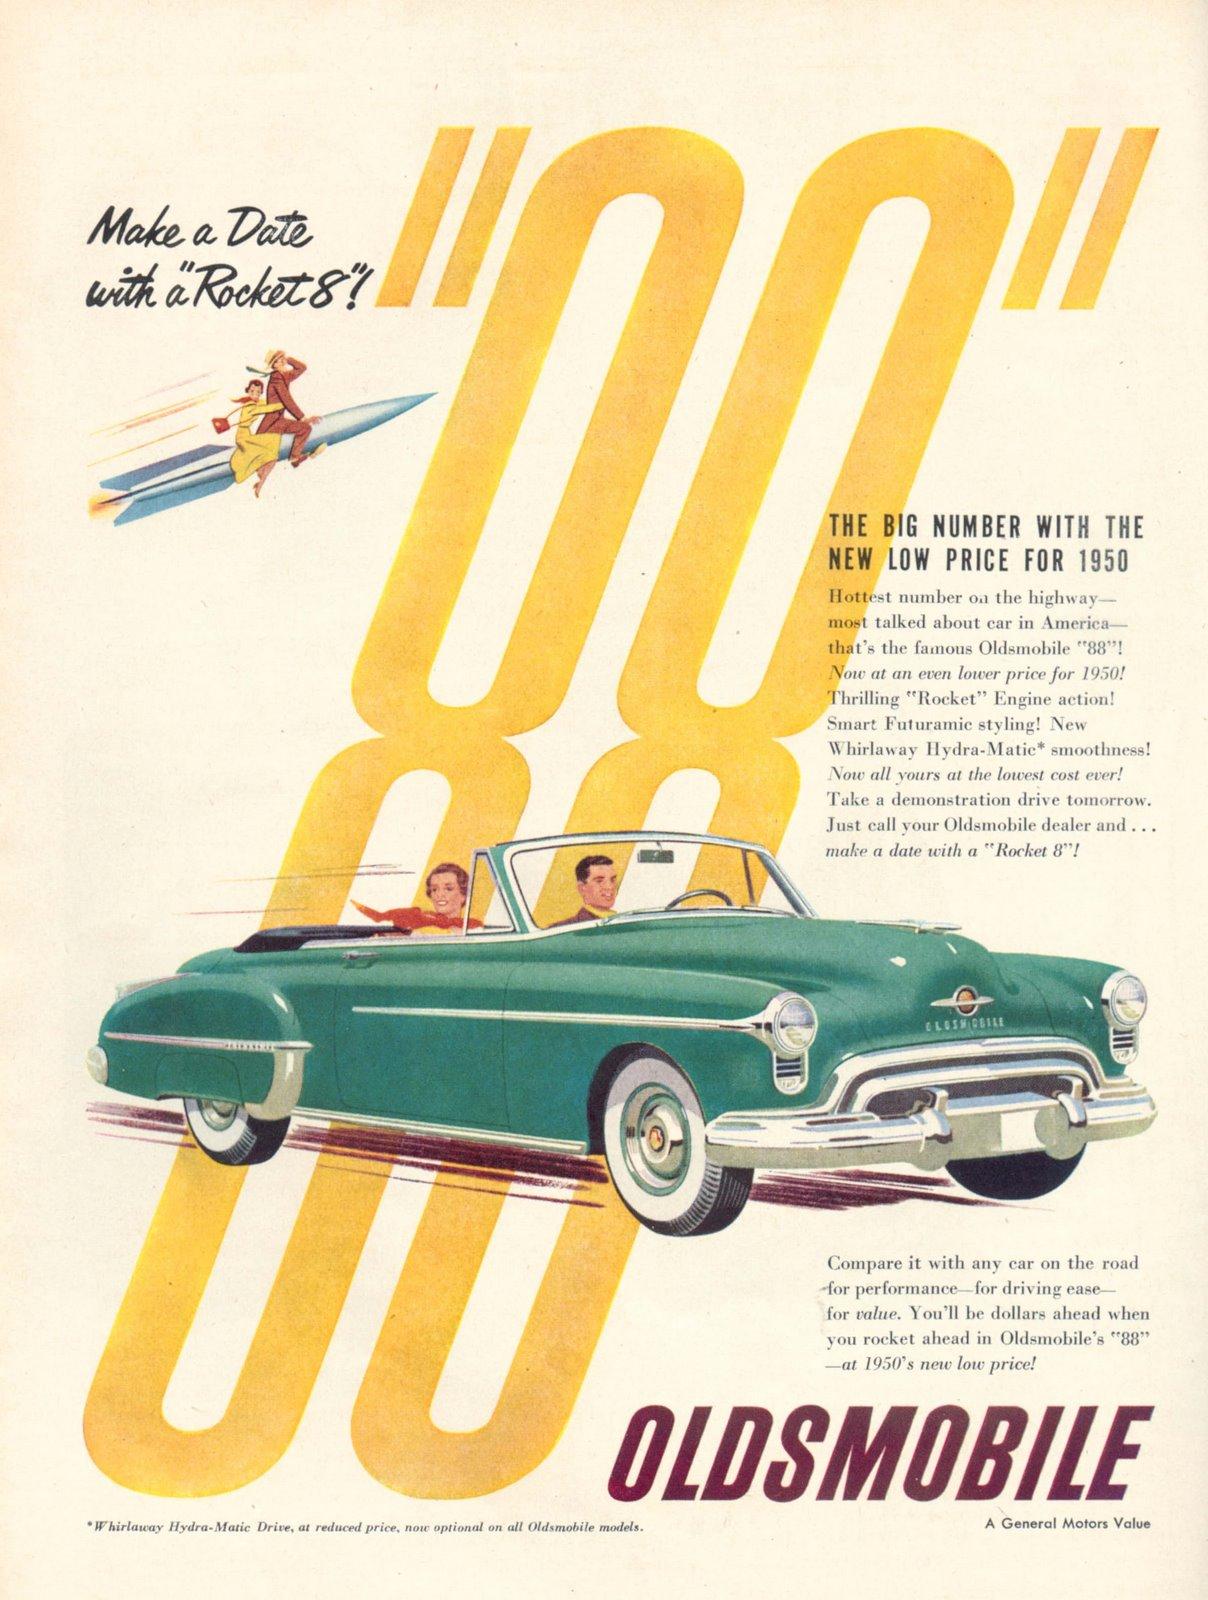 vintage-rocket-8-olds-ad-703869